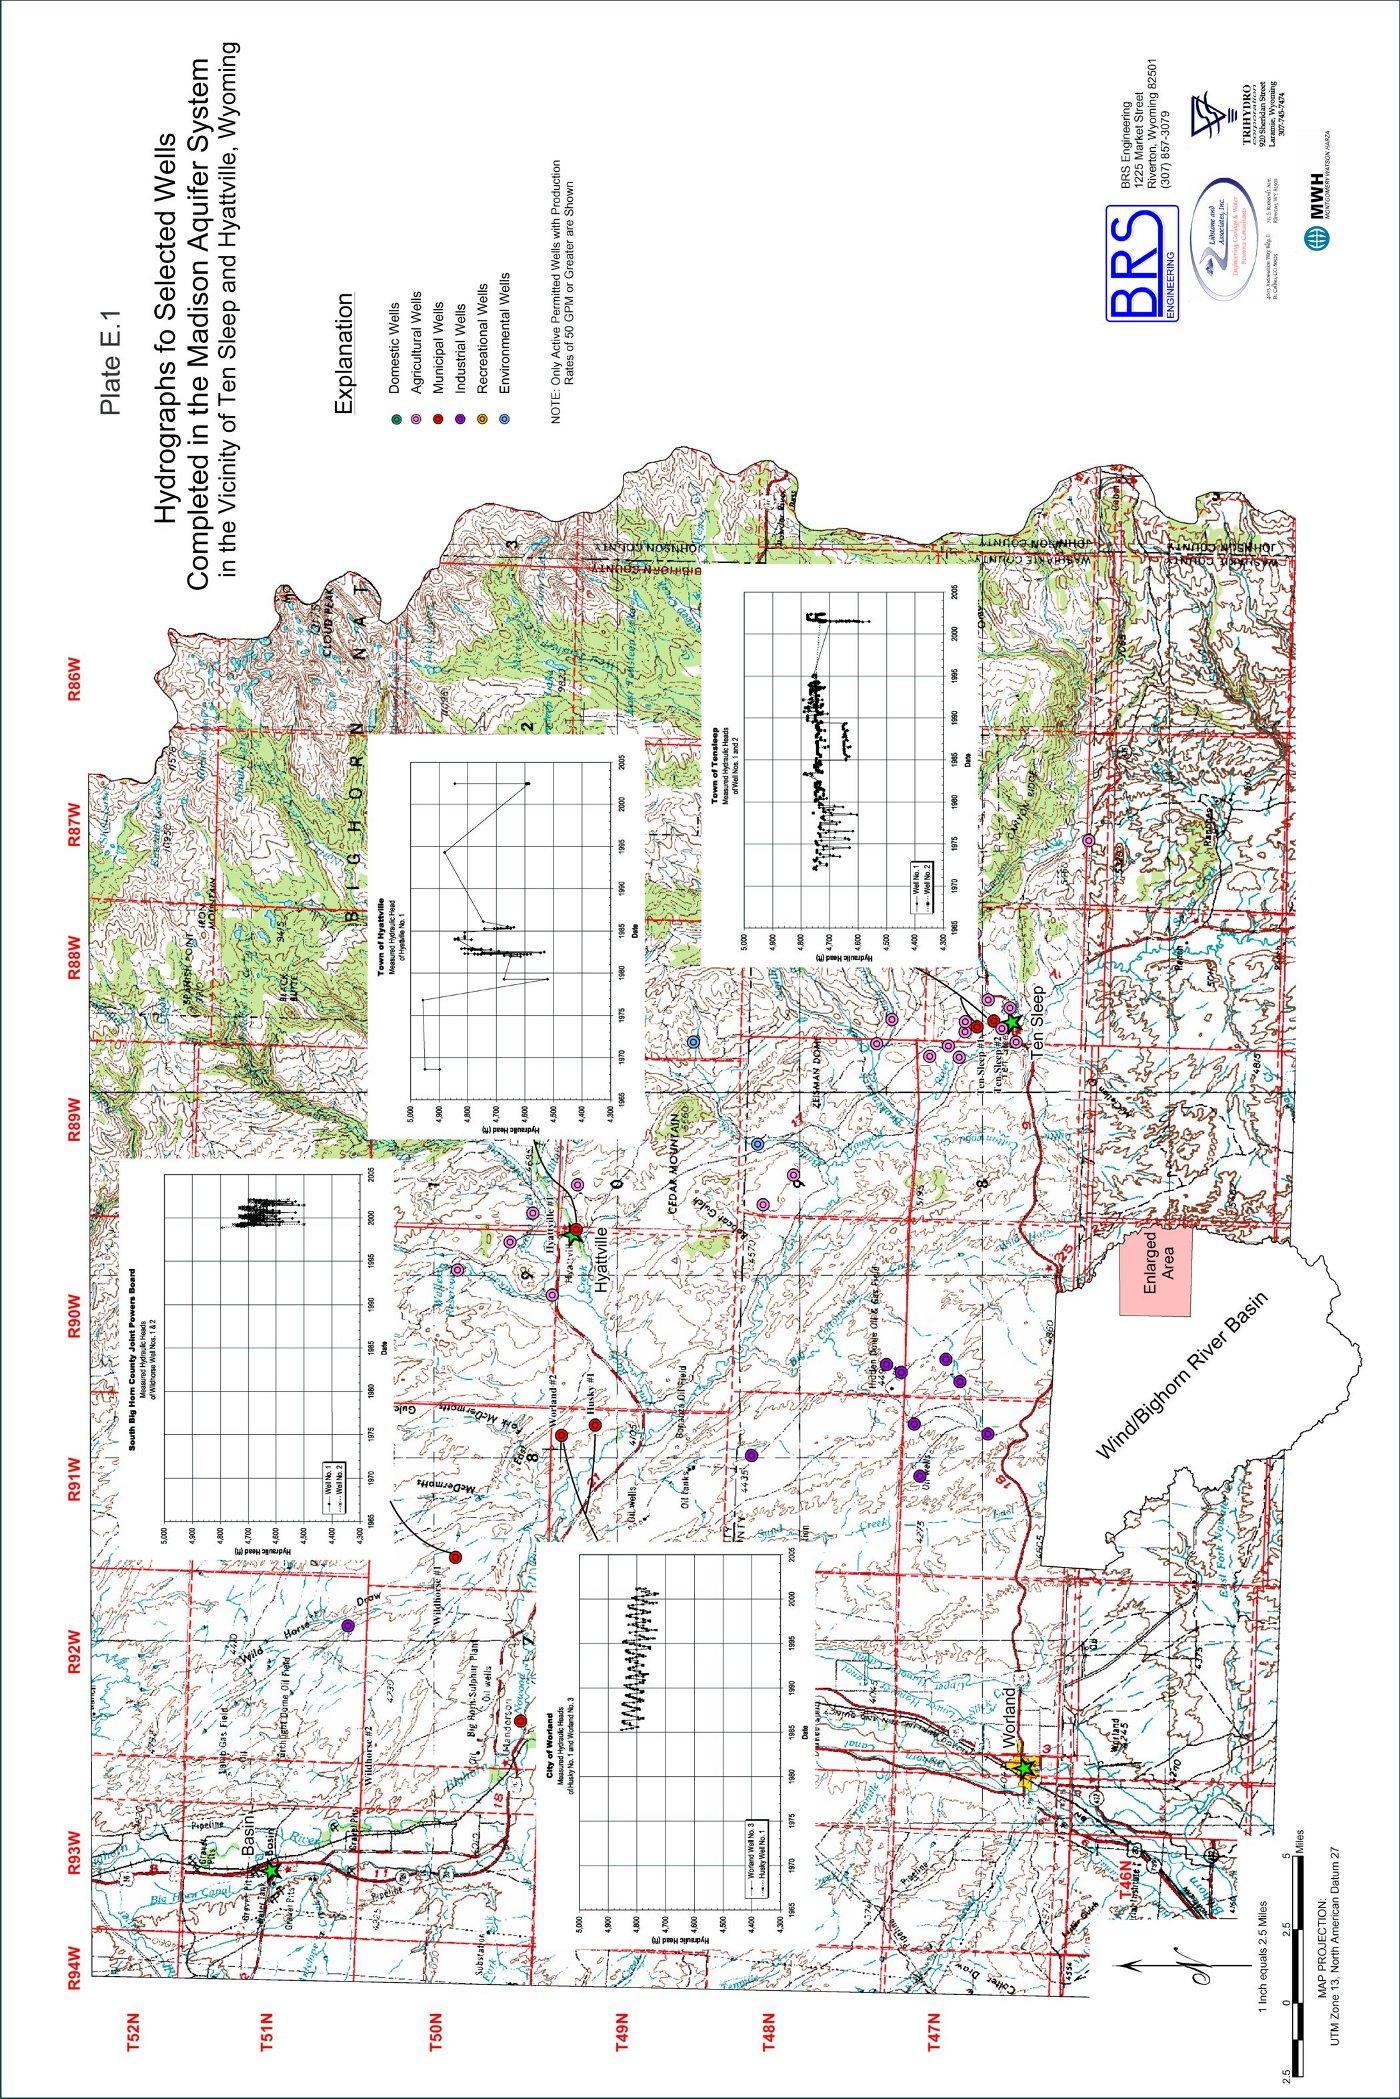 Wyoming State Water Plan WindBighorn River Basin Plan